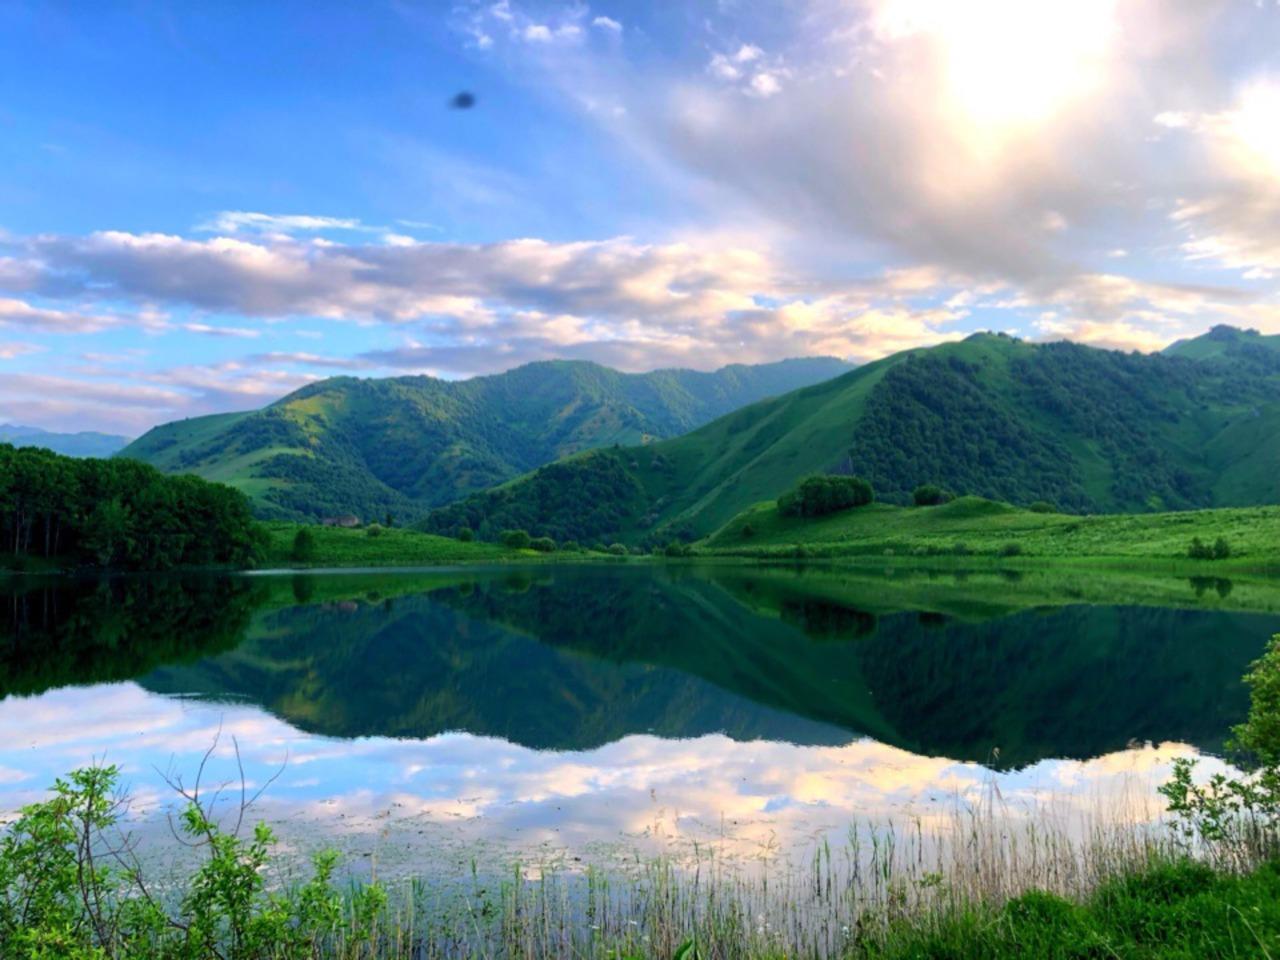 Галанчожское озеро - высокогорный алмаз Чечни - индивидуальная экскурсия в Грозном от опытного гида